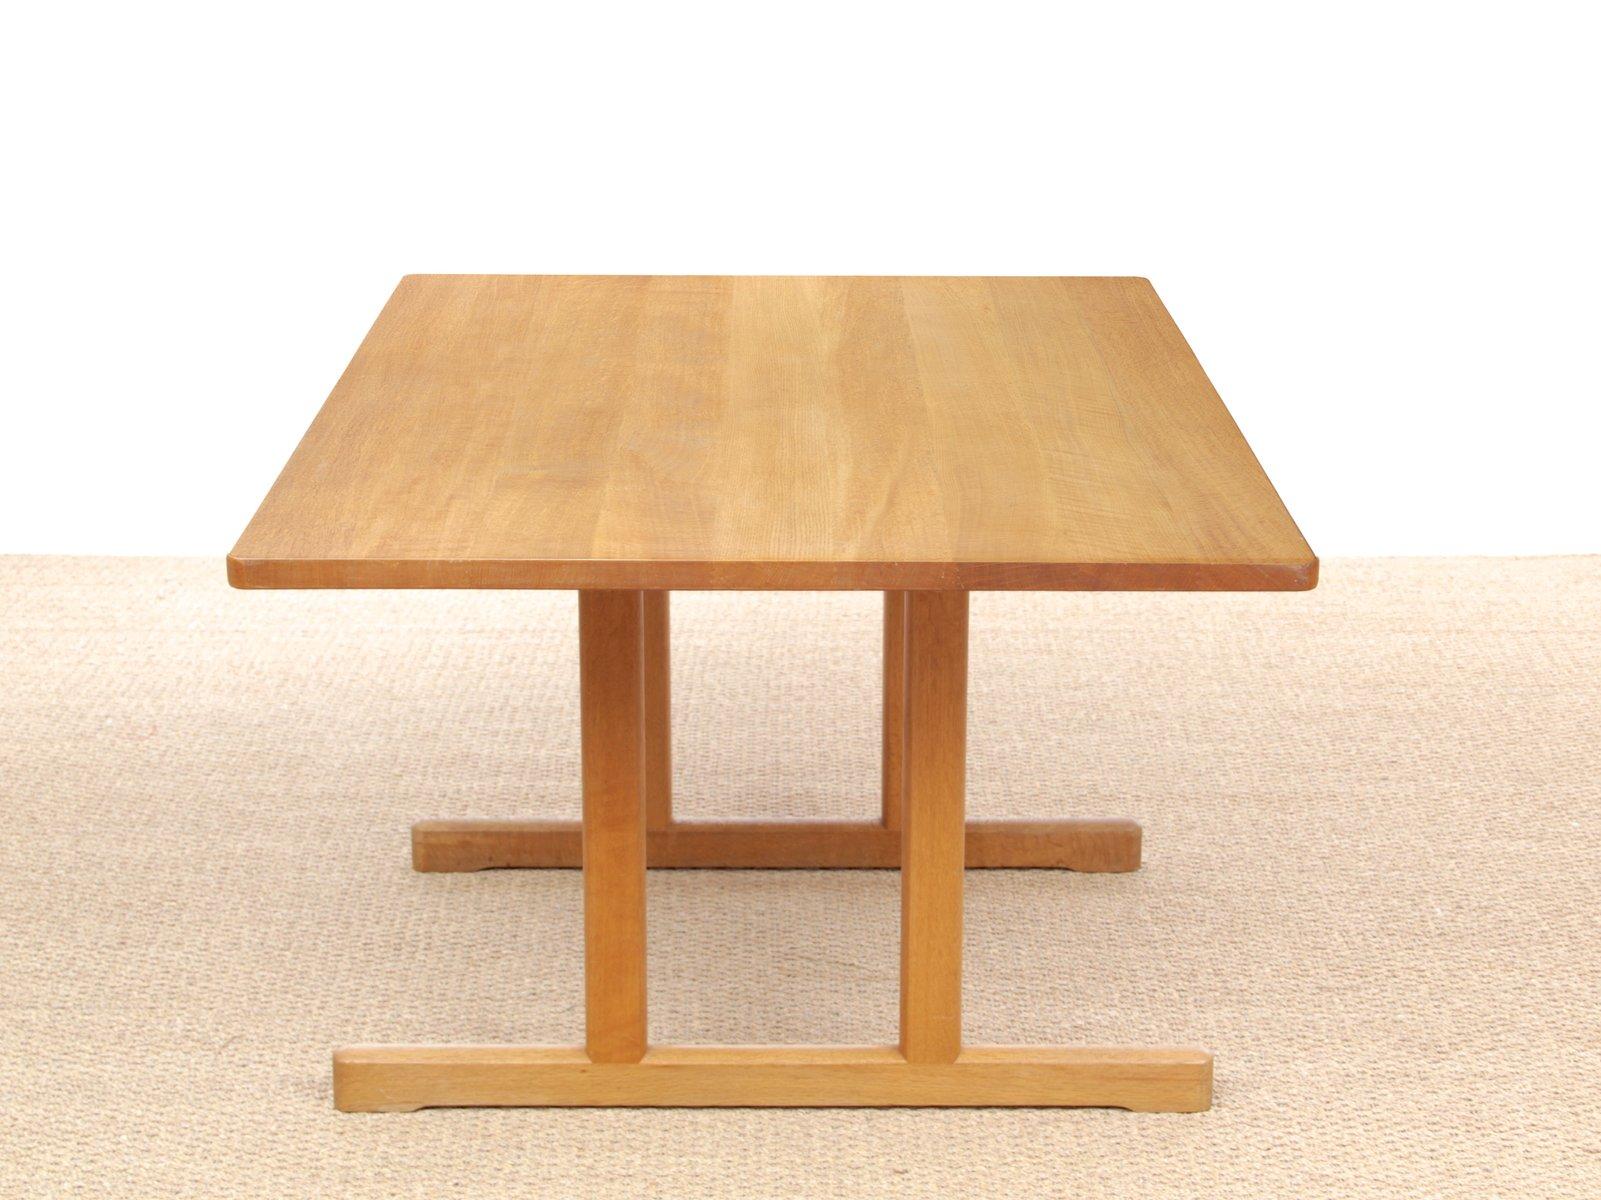 skandinavischer shaker 6287 esstisch von b rge mogensen f r fredericia 1966 bei pamono kaufen. Black Bedroom Furniture Sets. Home Design Ideas